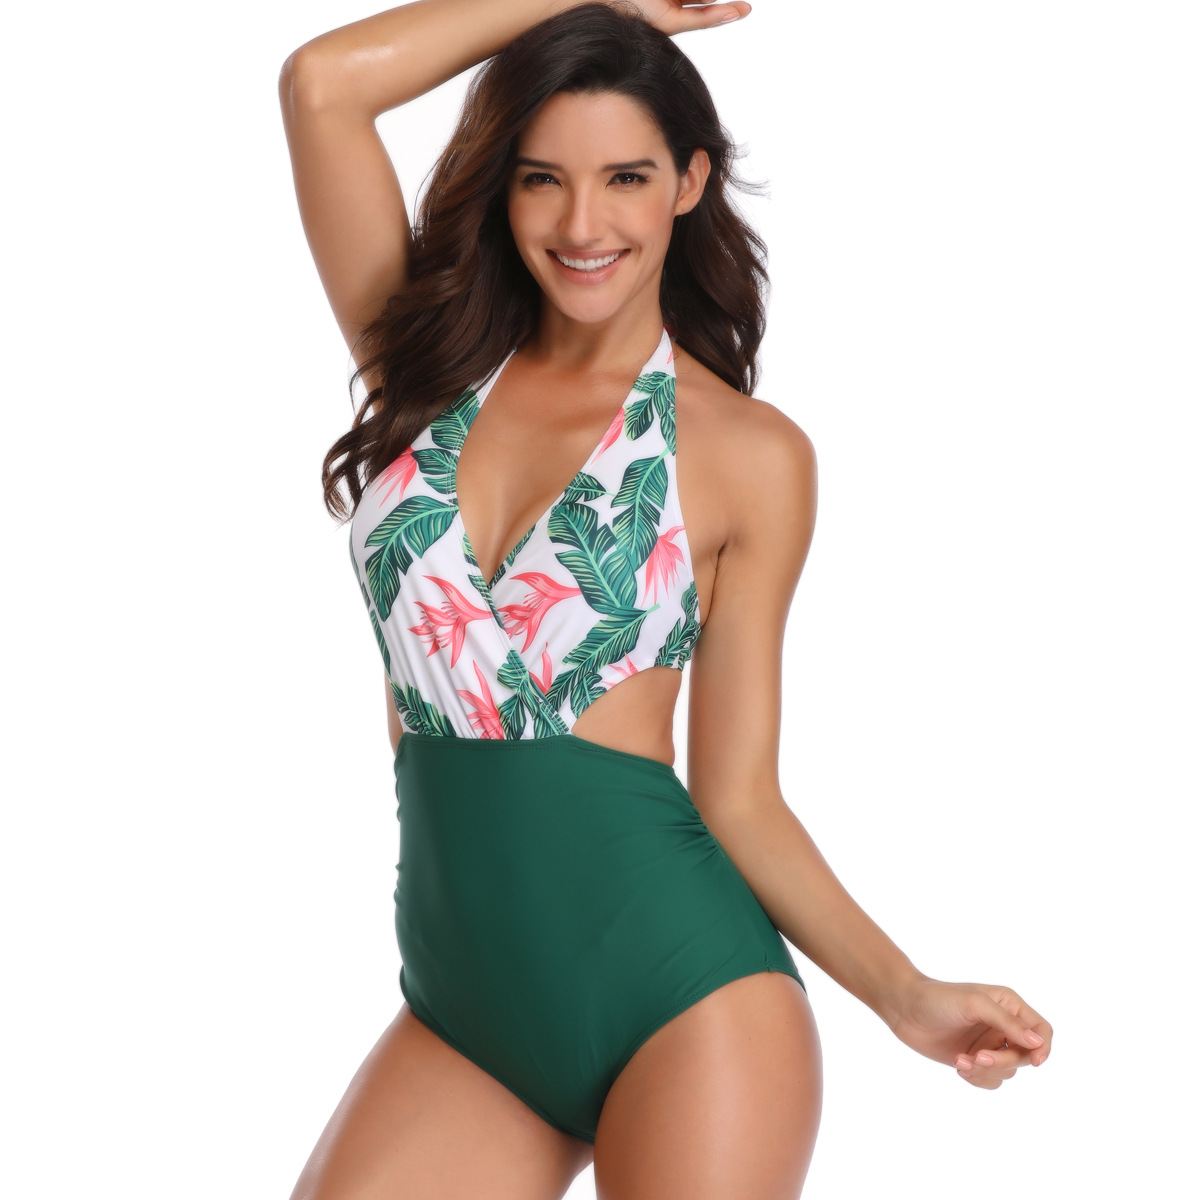 PRYDYC Swimwear One Piece Sexy Deep V Neck Printing Woman Swimsuit One Piece Woman Swimsuit High Waist Swimwear Women Monokini in Body Suits from Sports Entertainment